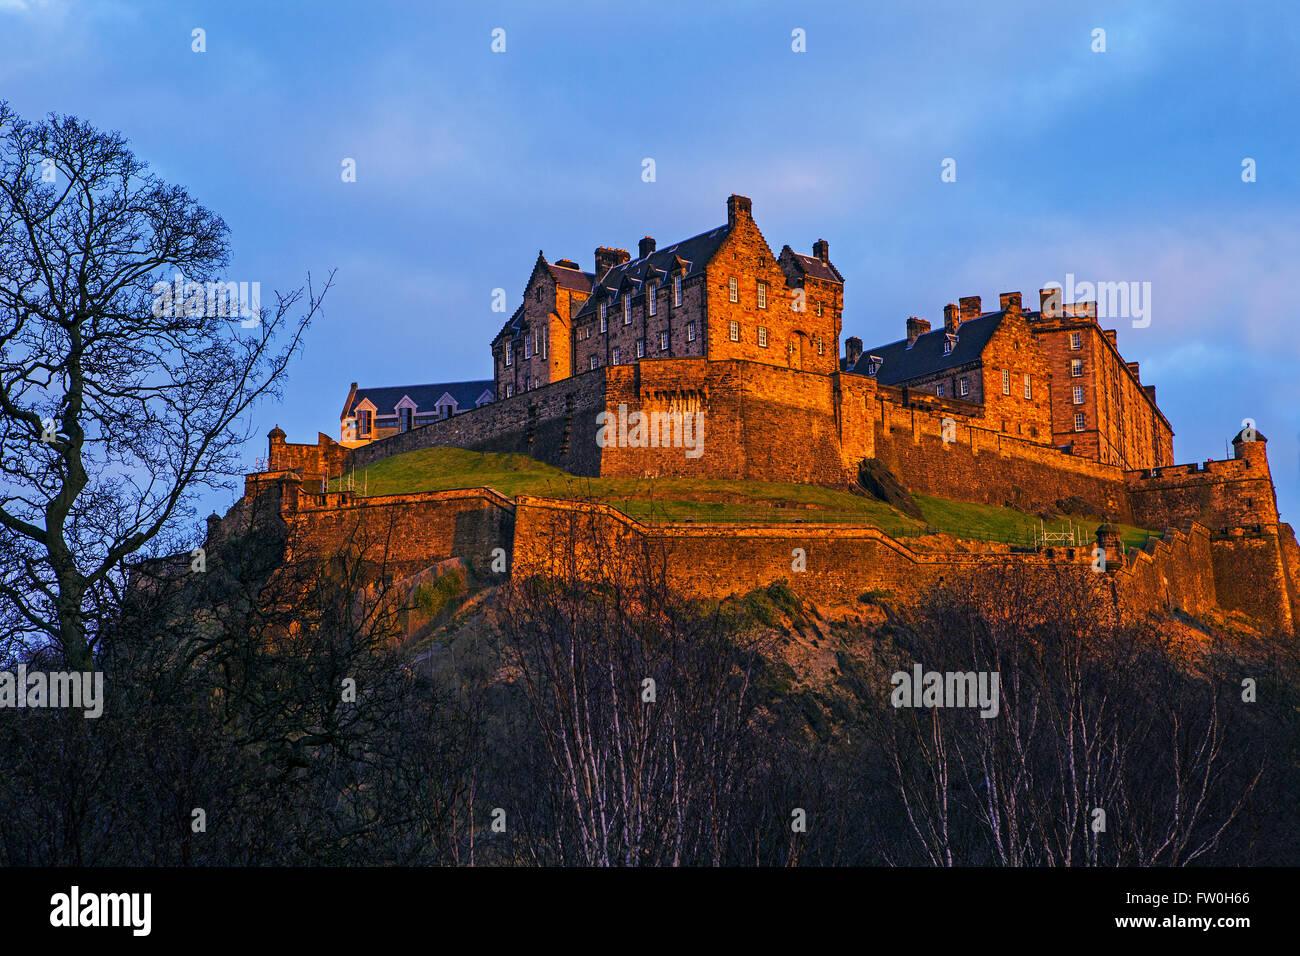 Une vue sur le magnifique château d'Édimbourg en Écosse. Photo Stock